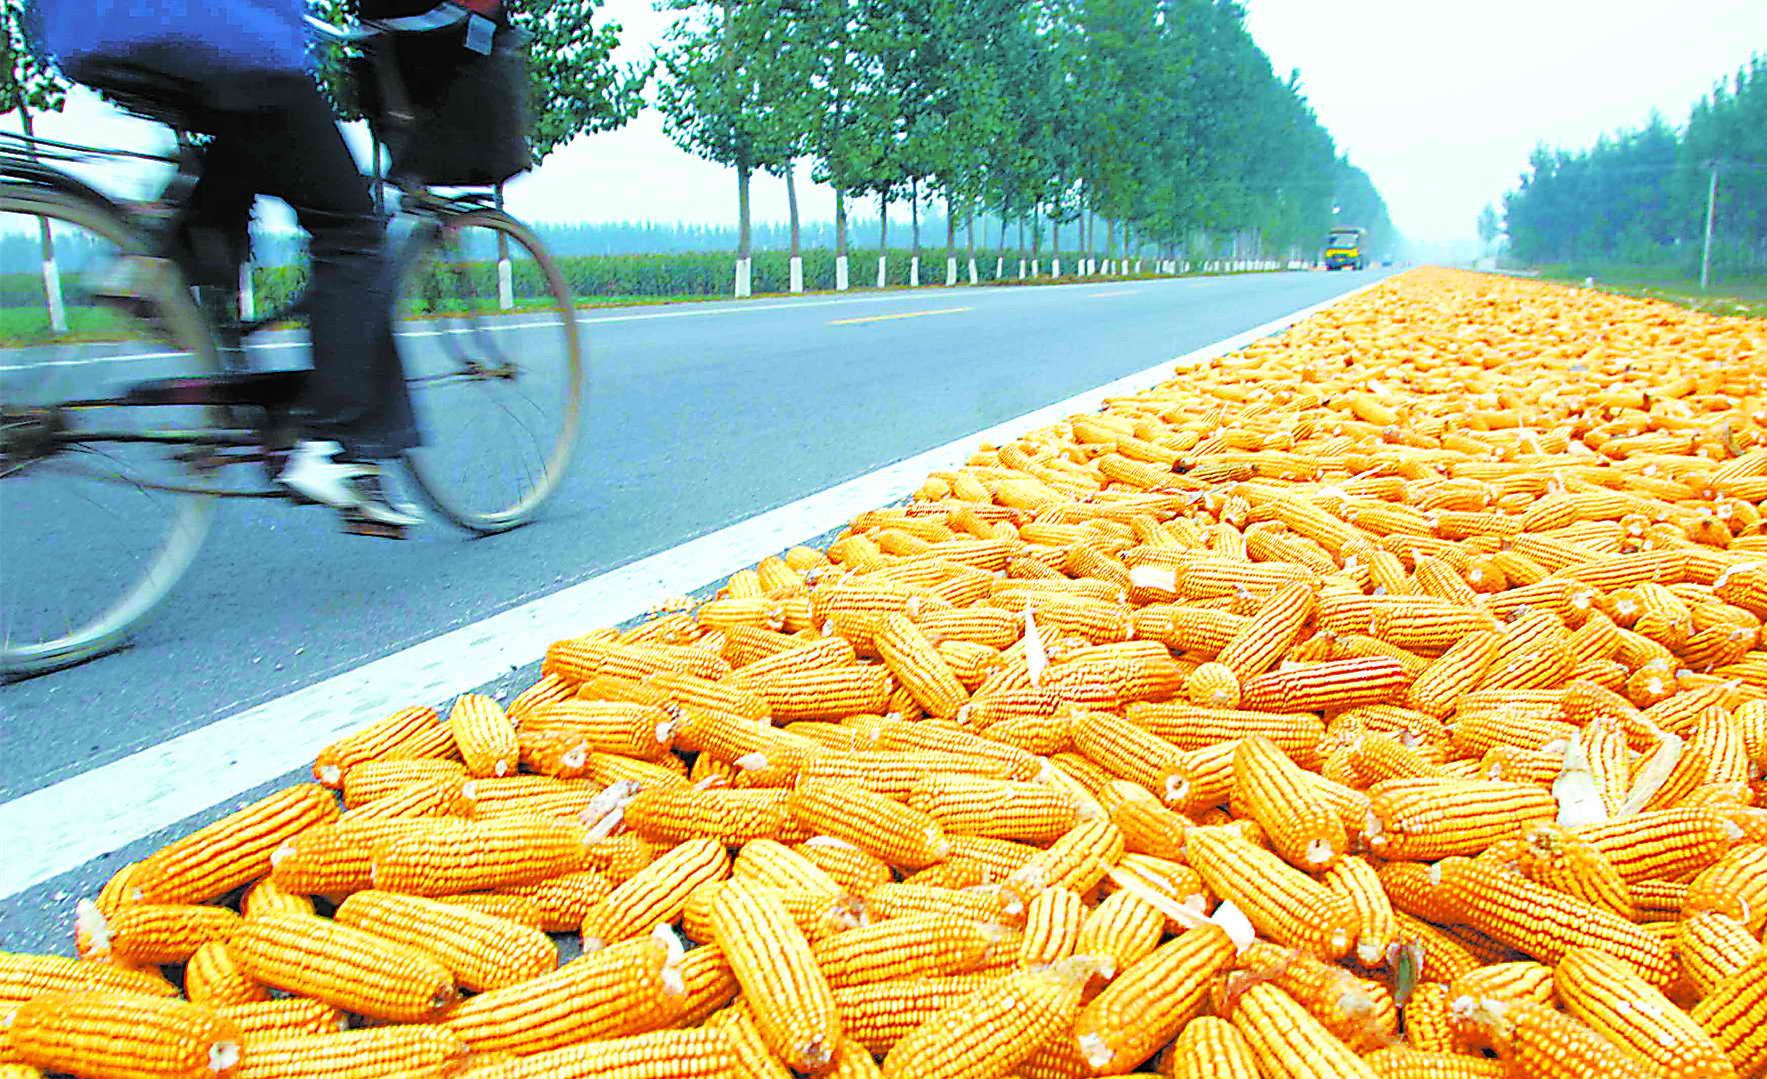 玉米飙涨突破1.5元大关!豆粕继续发力涨200元!饲料价格再上涨50-80元!